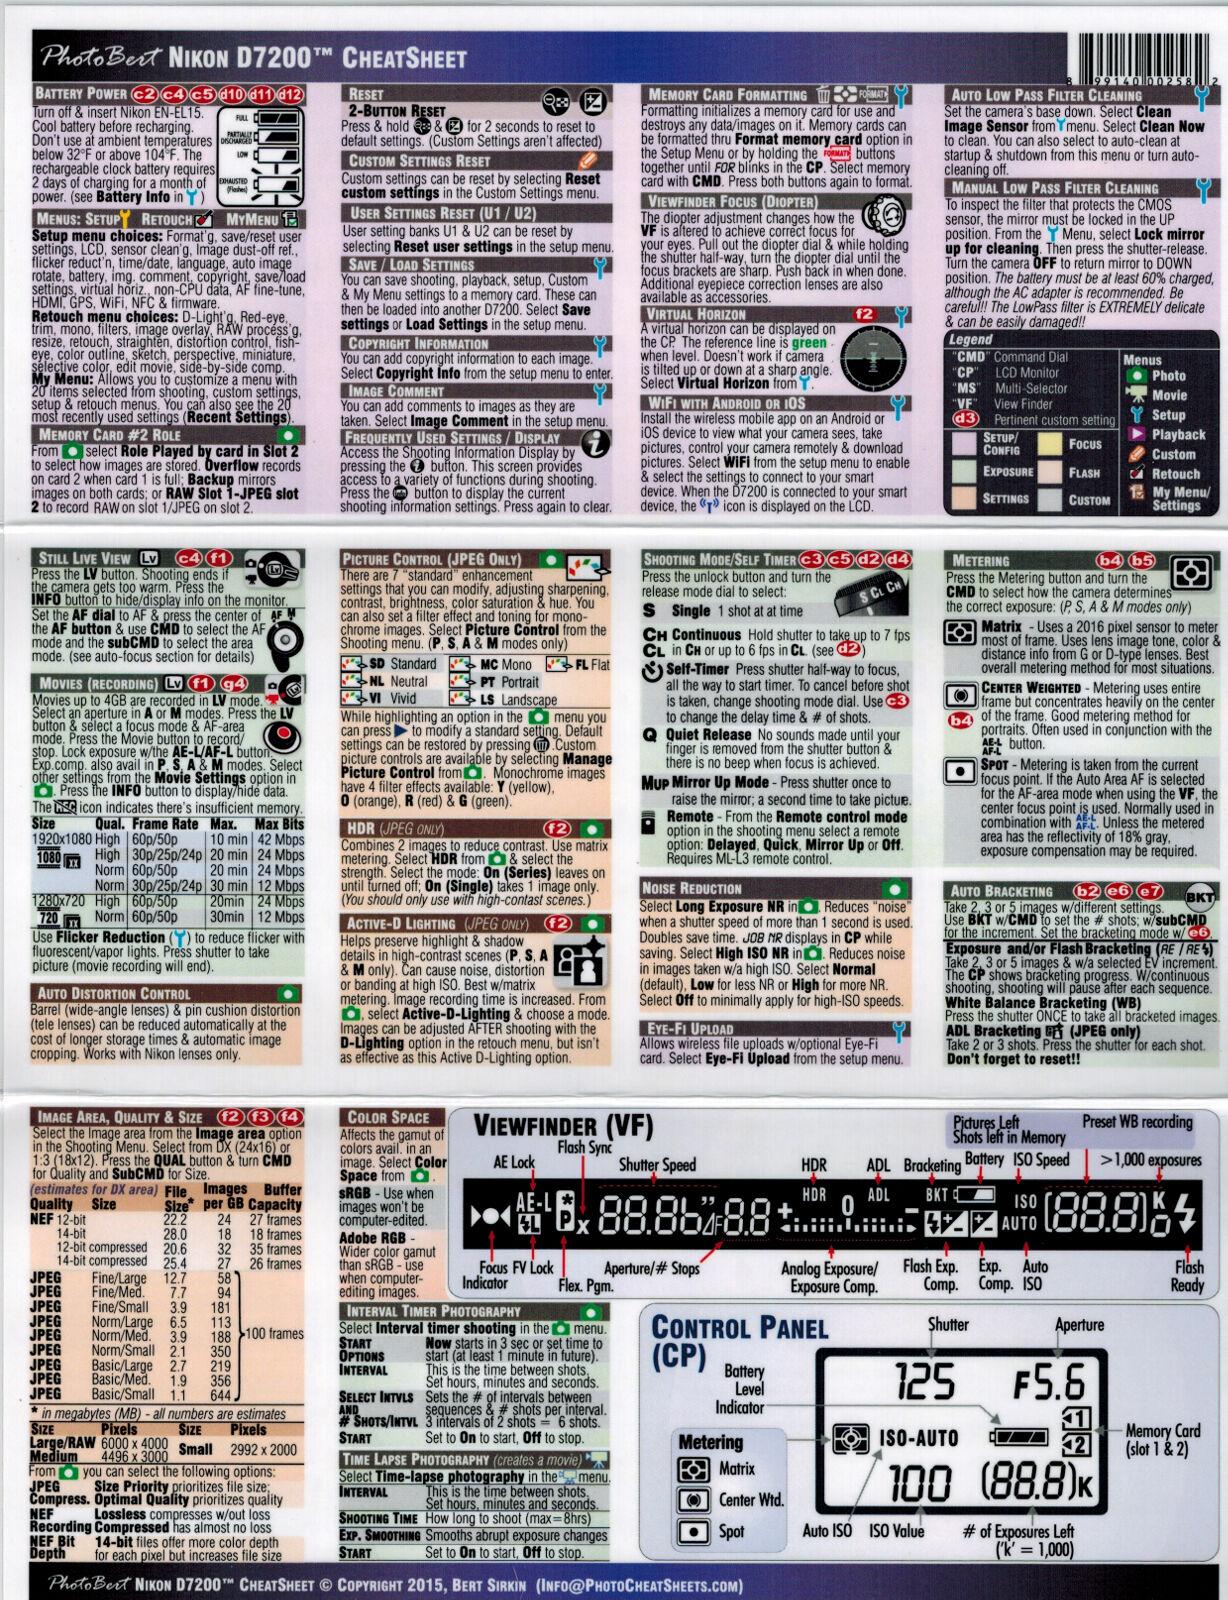 Nikon D7200 Digital Instruction Camera DSLR MAMUAL CheatSheet PhotoBert